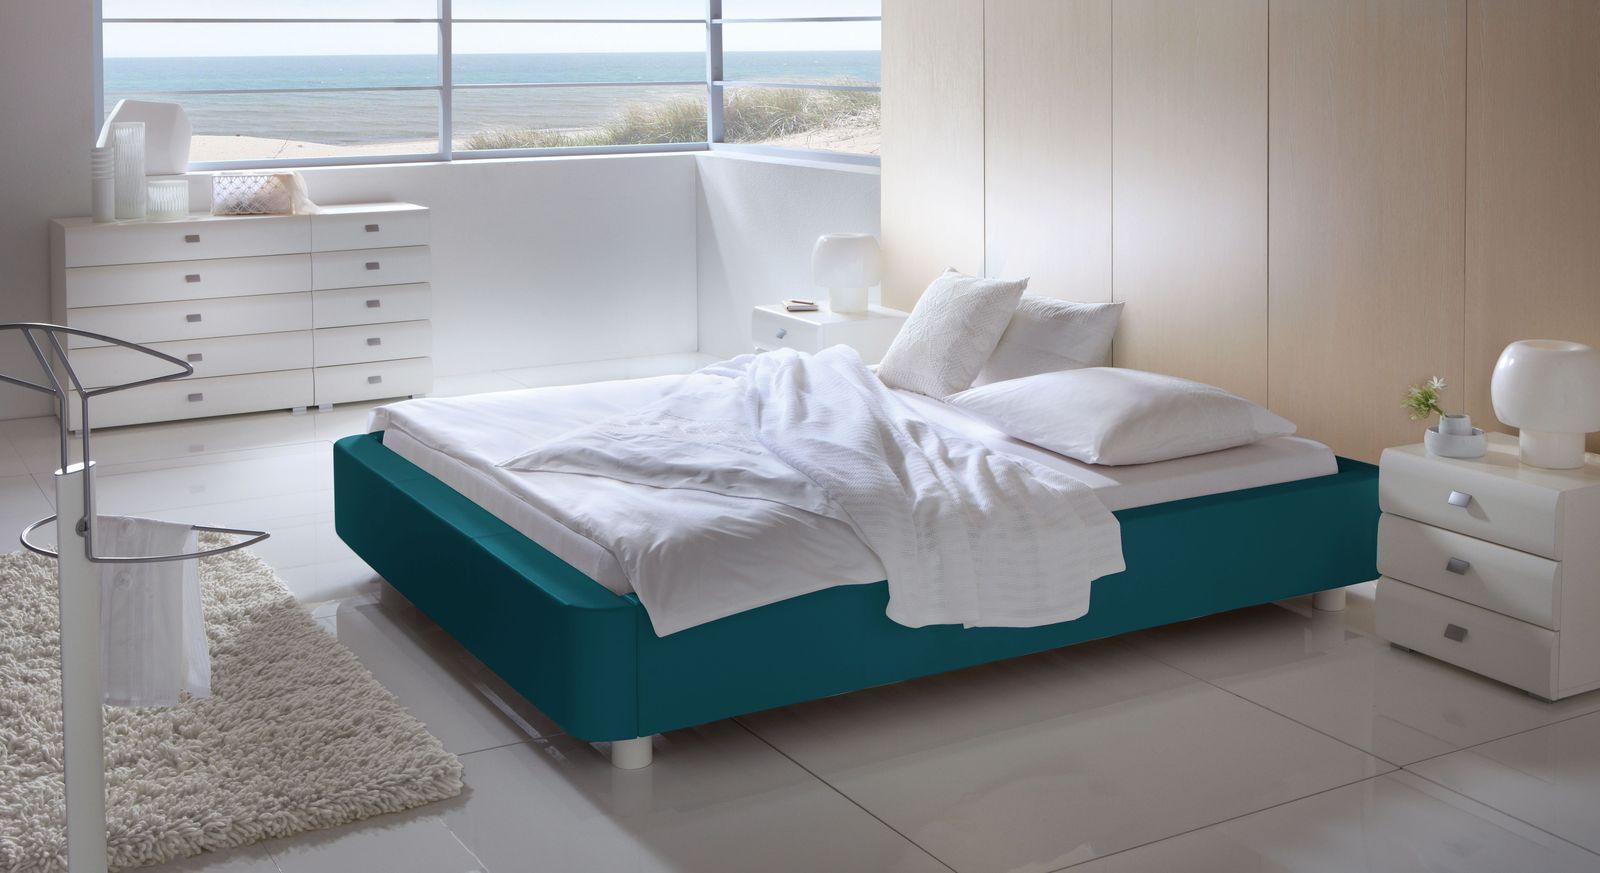 polsterliege mit kunstlederbezug in modernen farben harmony. Black Bedroom Furniture Sets. Home Design Ideas